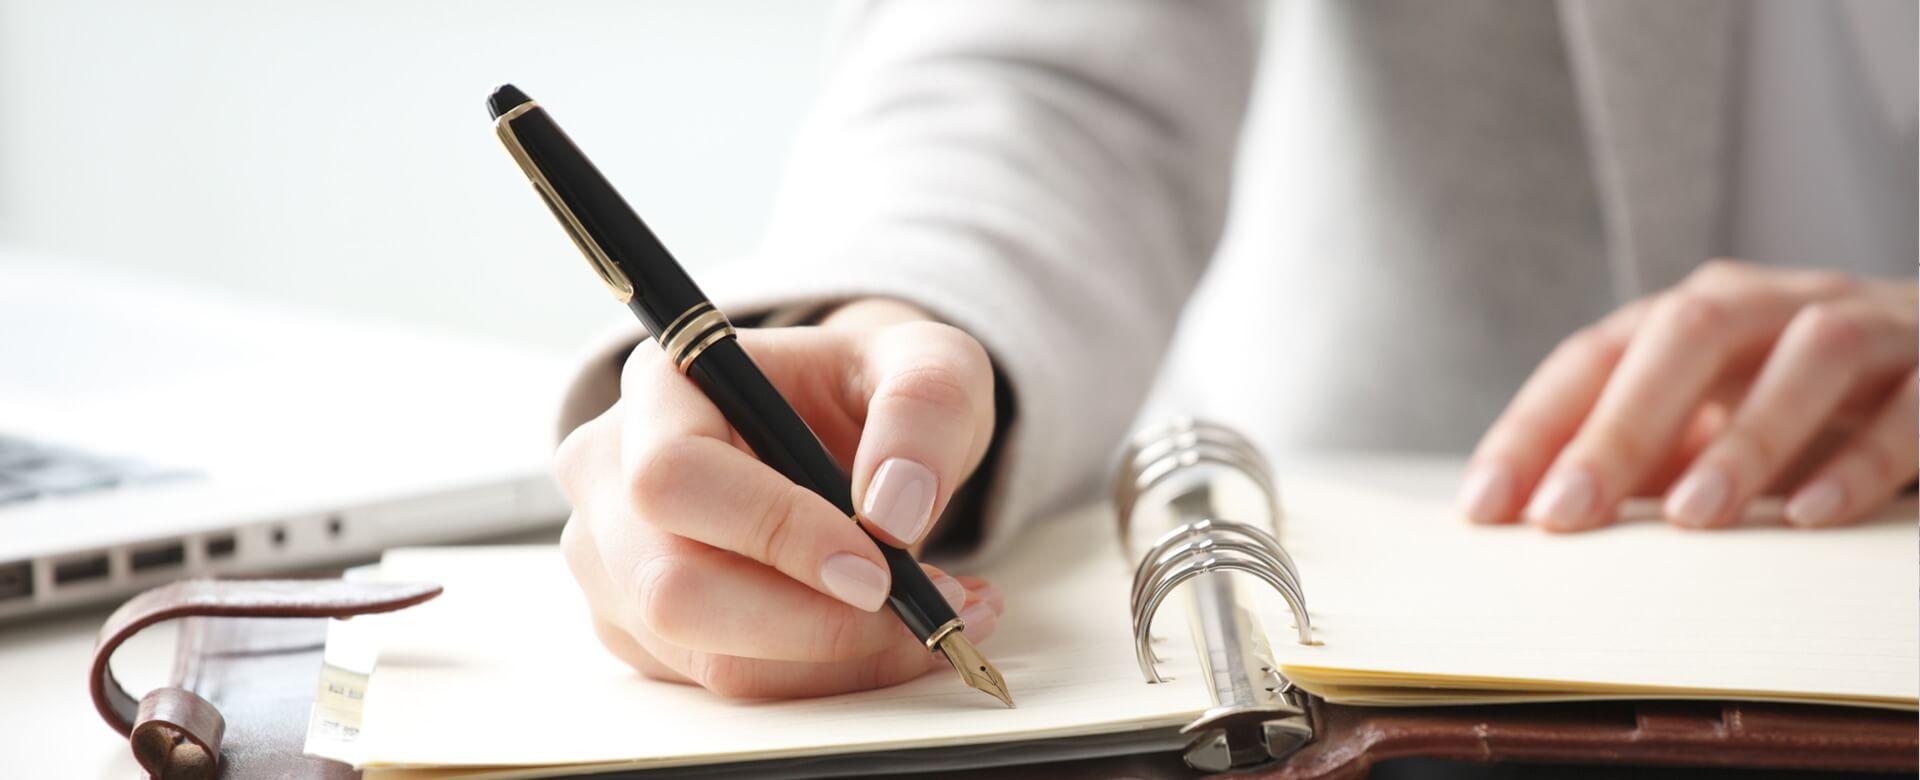 Mano de mujer escribiendo con pluma. Slider 3